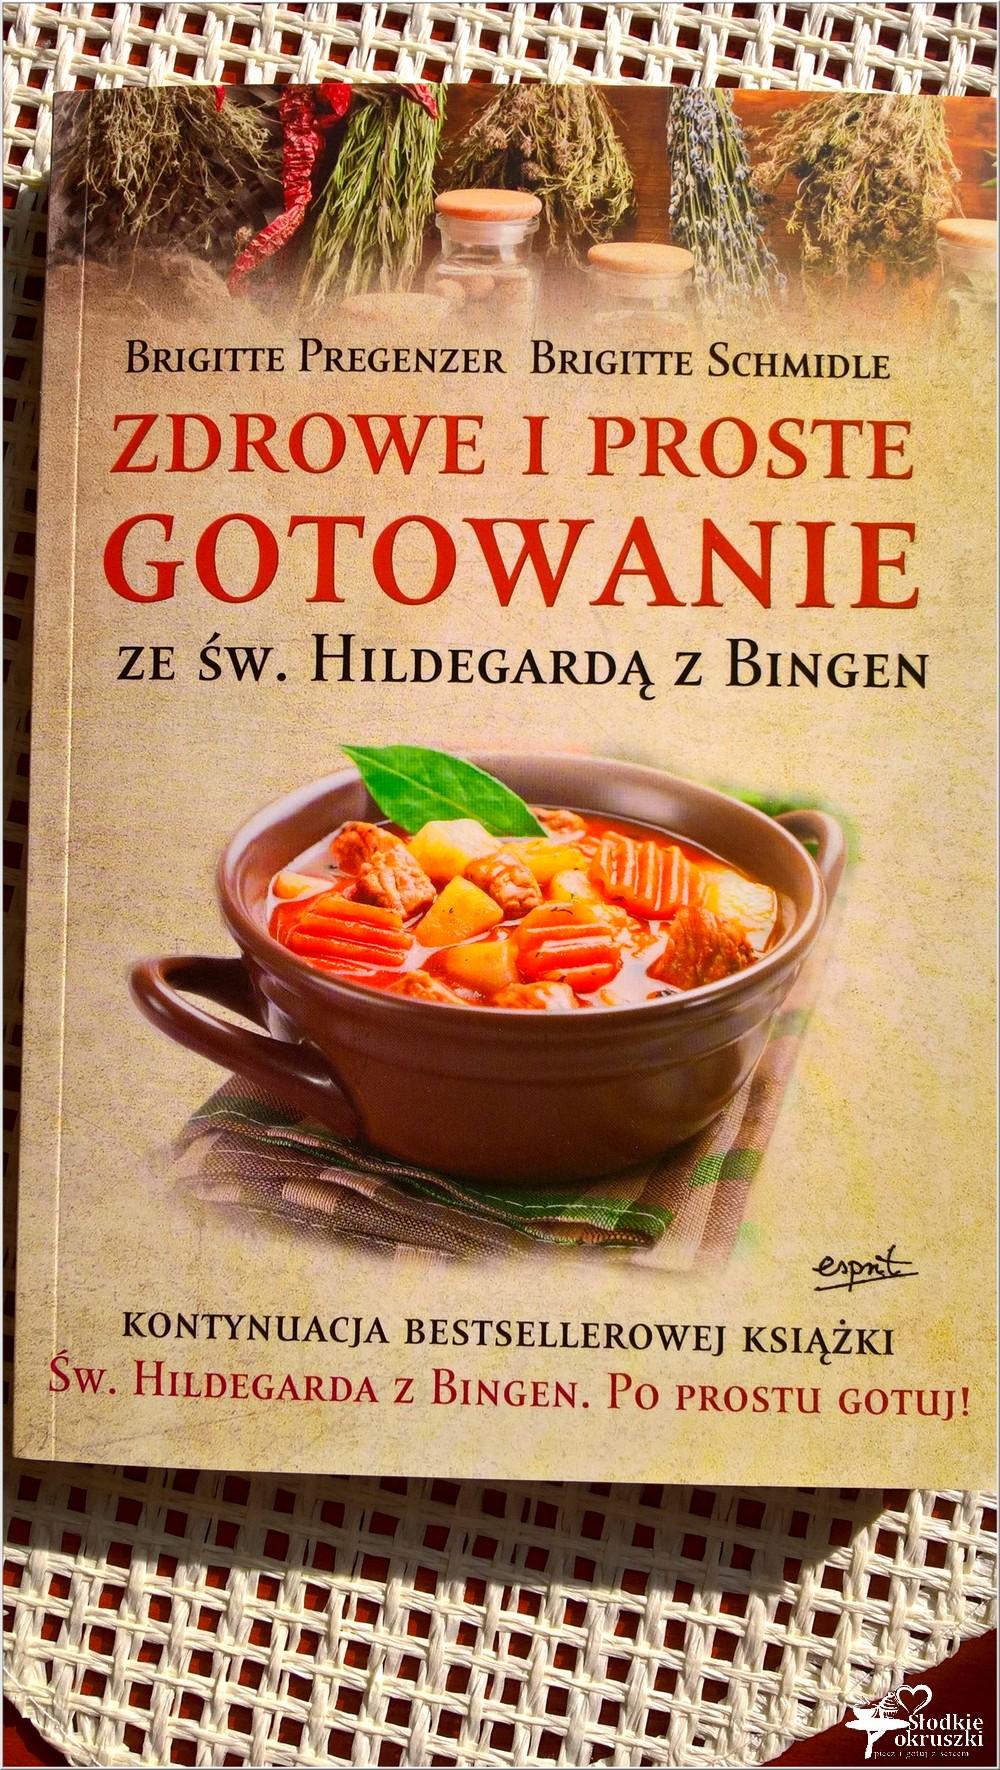 zdrowe-i-proste-gotowanie-ze-sw-hildegarda-z-bingen-recenzja-1